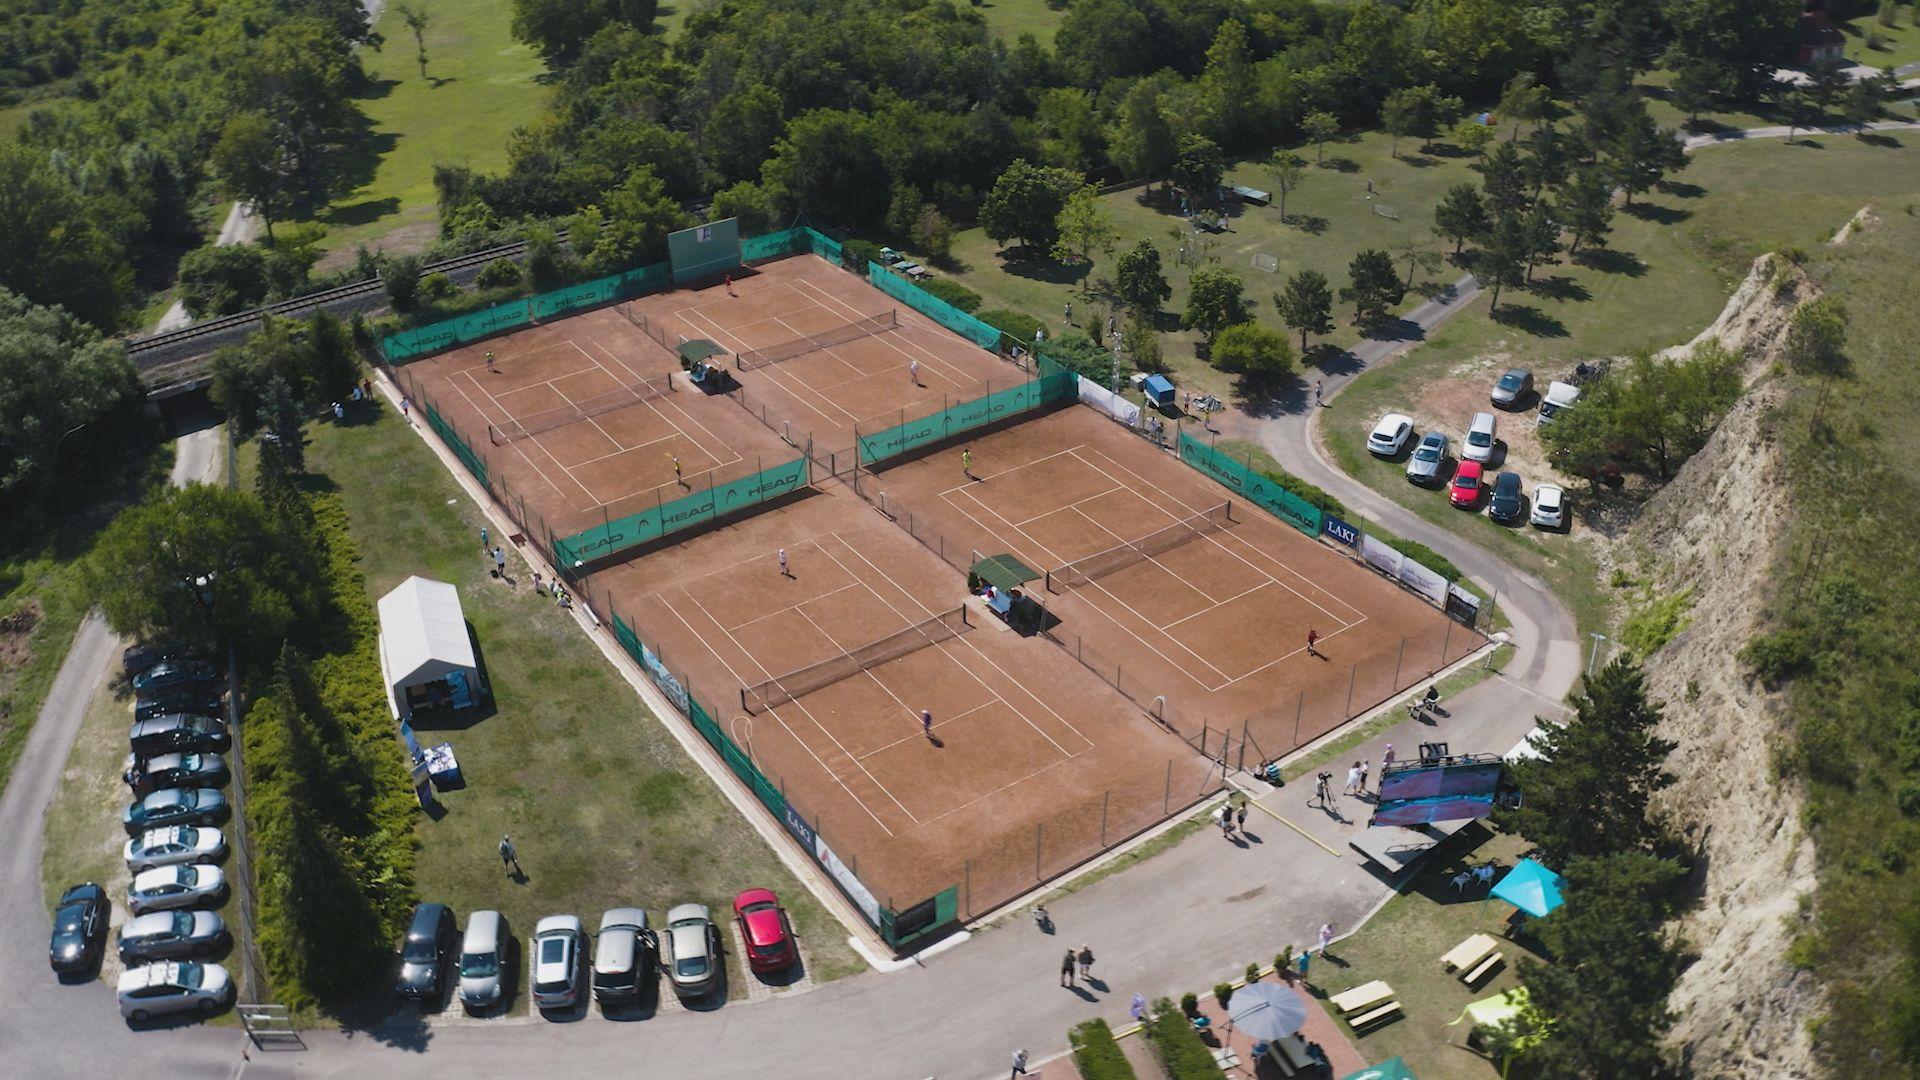 Országos korosztályos teniszverseny Balatonfüreden